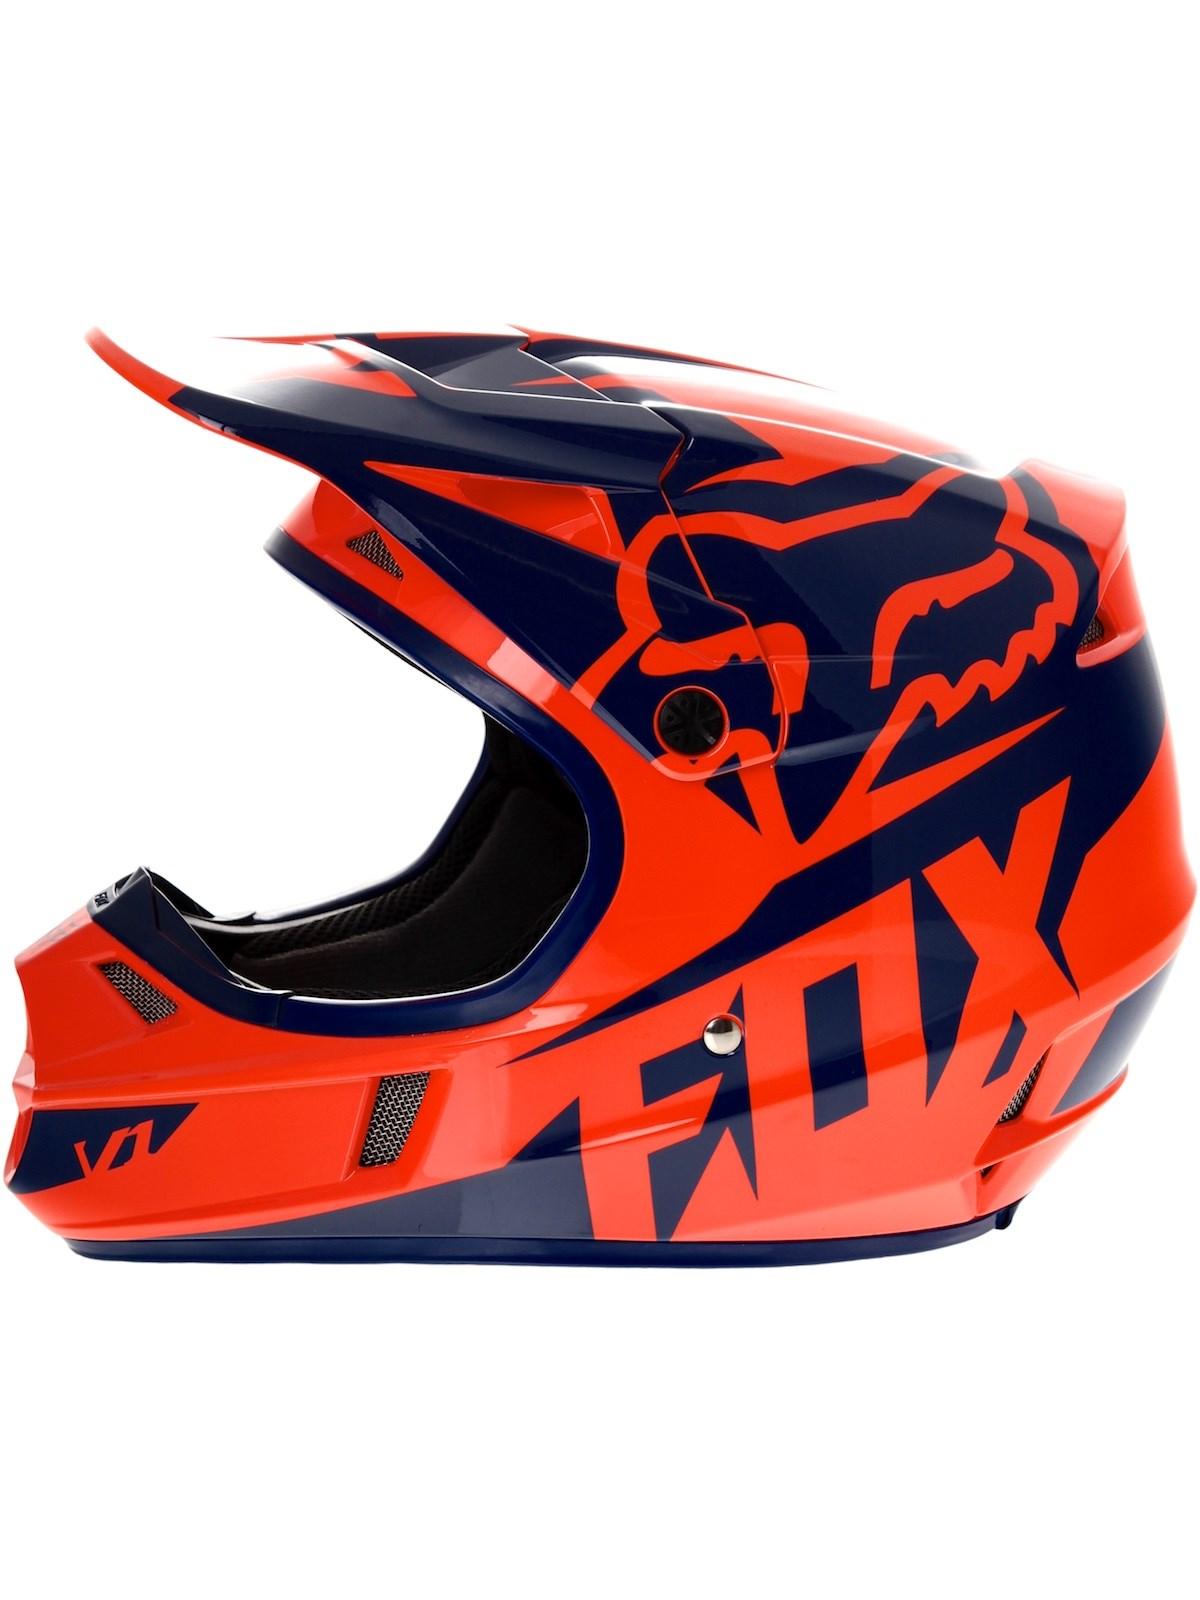 815c78da3bb06 Un rétro pour le bottes moto cross pas cher fox Rose - art-sacre-14.fr